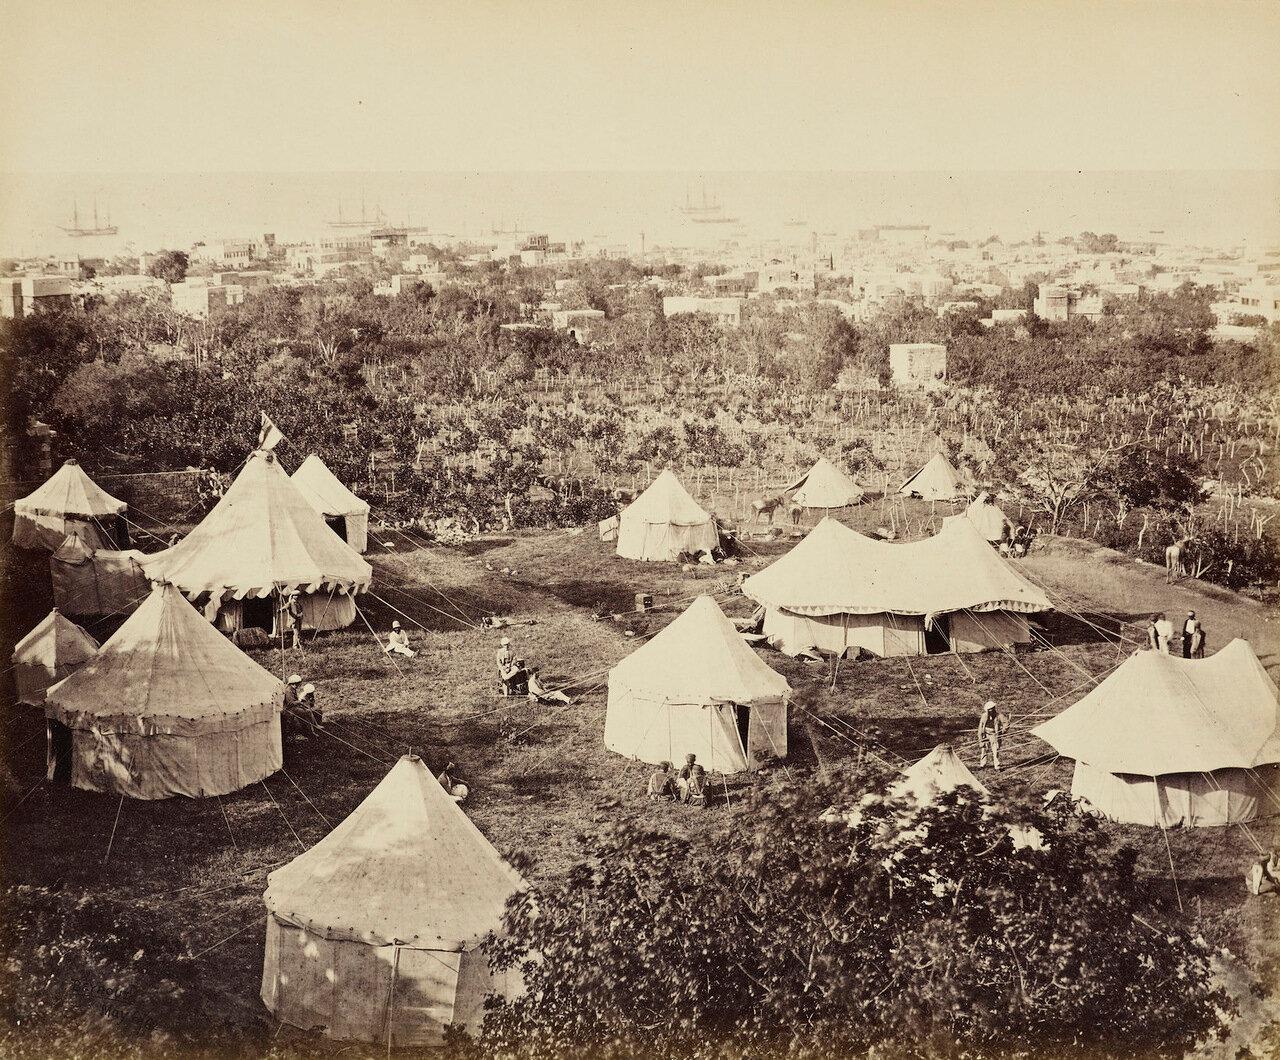 6 мая 1862.Лагерь в Бейруте, Ливан